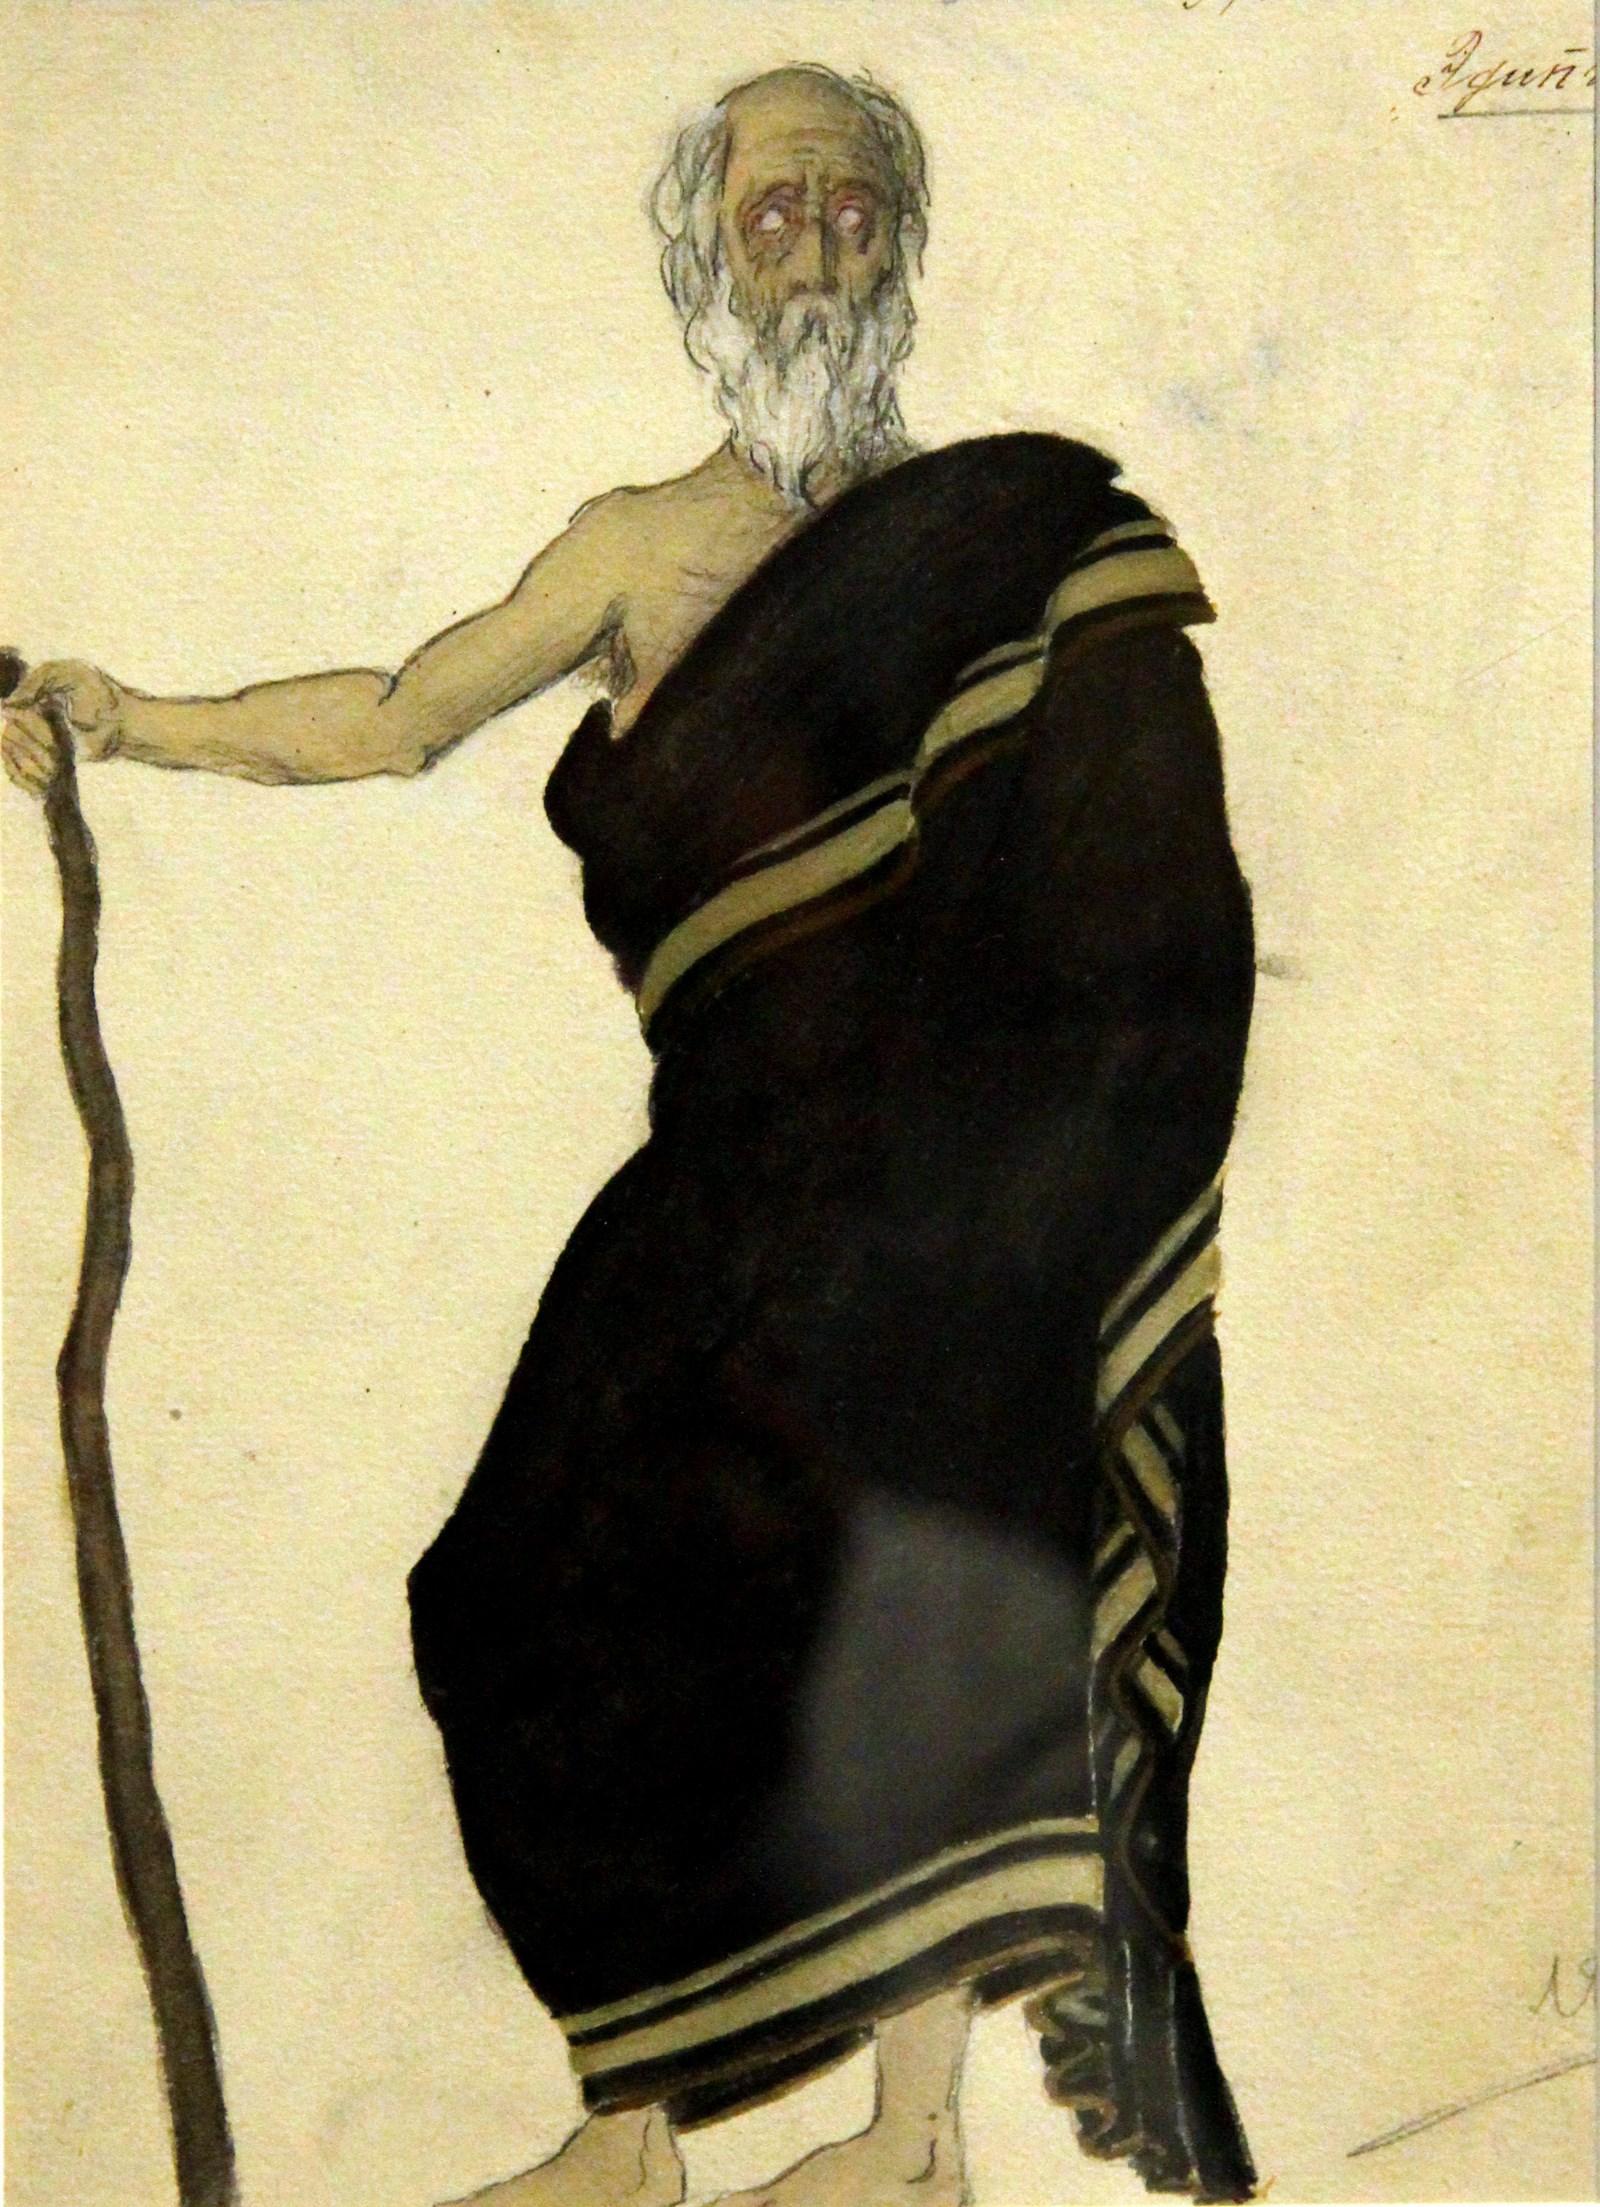 ����� ���. 1866-1924. ����� ������� ����� � ��������� ����� � ������ (�� ������� �������� �������). ����� 1904 ������ �� �������, ��������, ��������, ������ �����-������������� ��������������� ����� ������������ � ������������ ��������� �������� �������: aldusku.livejournal.com